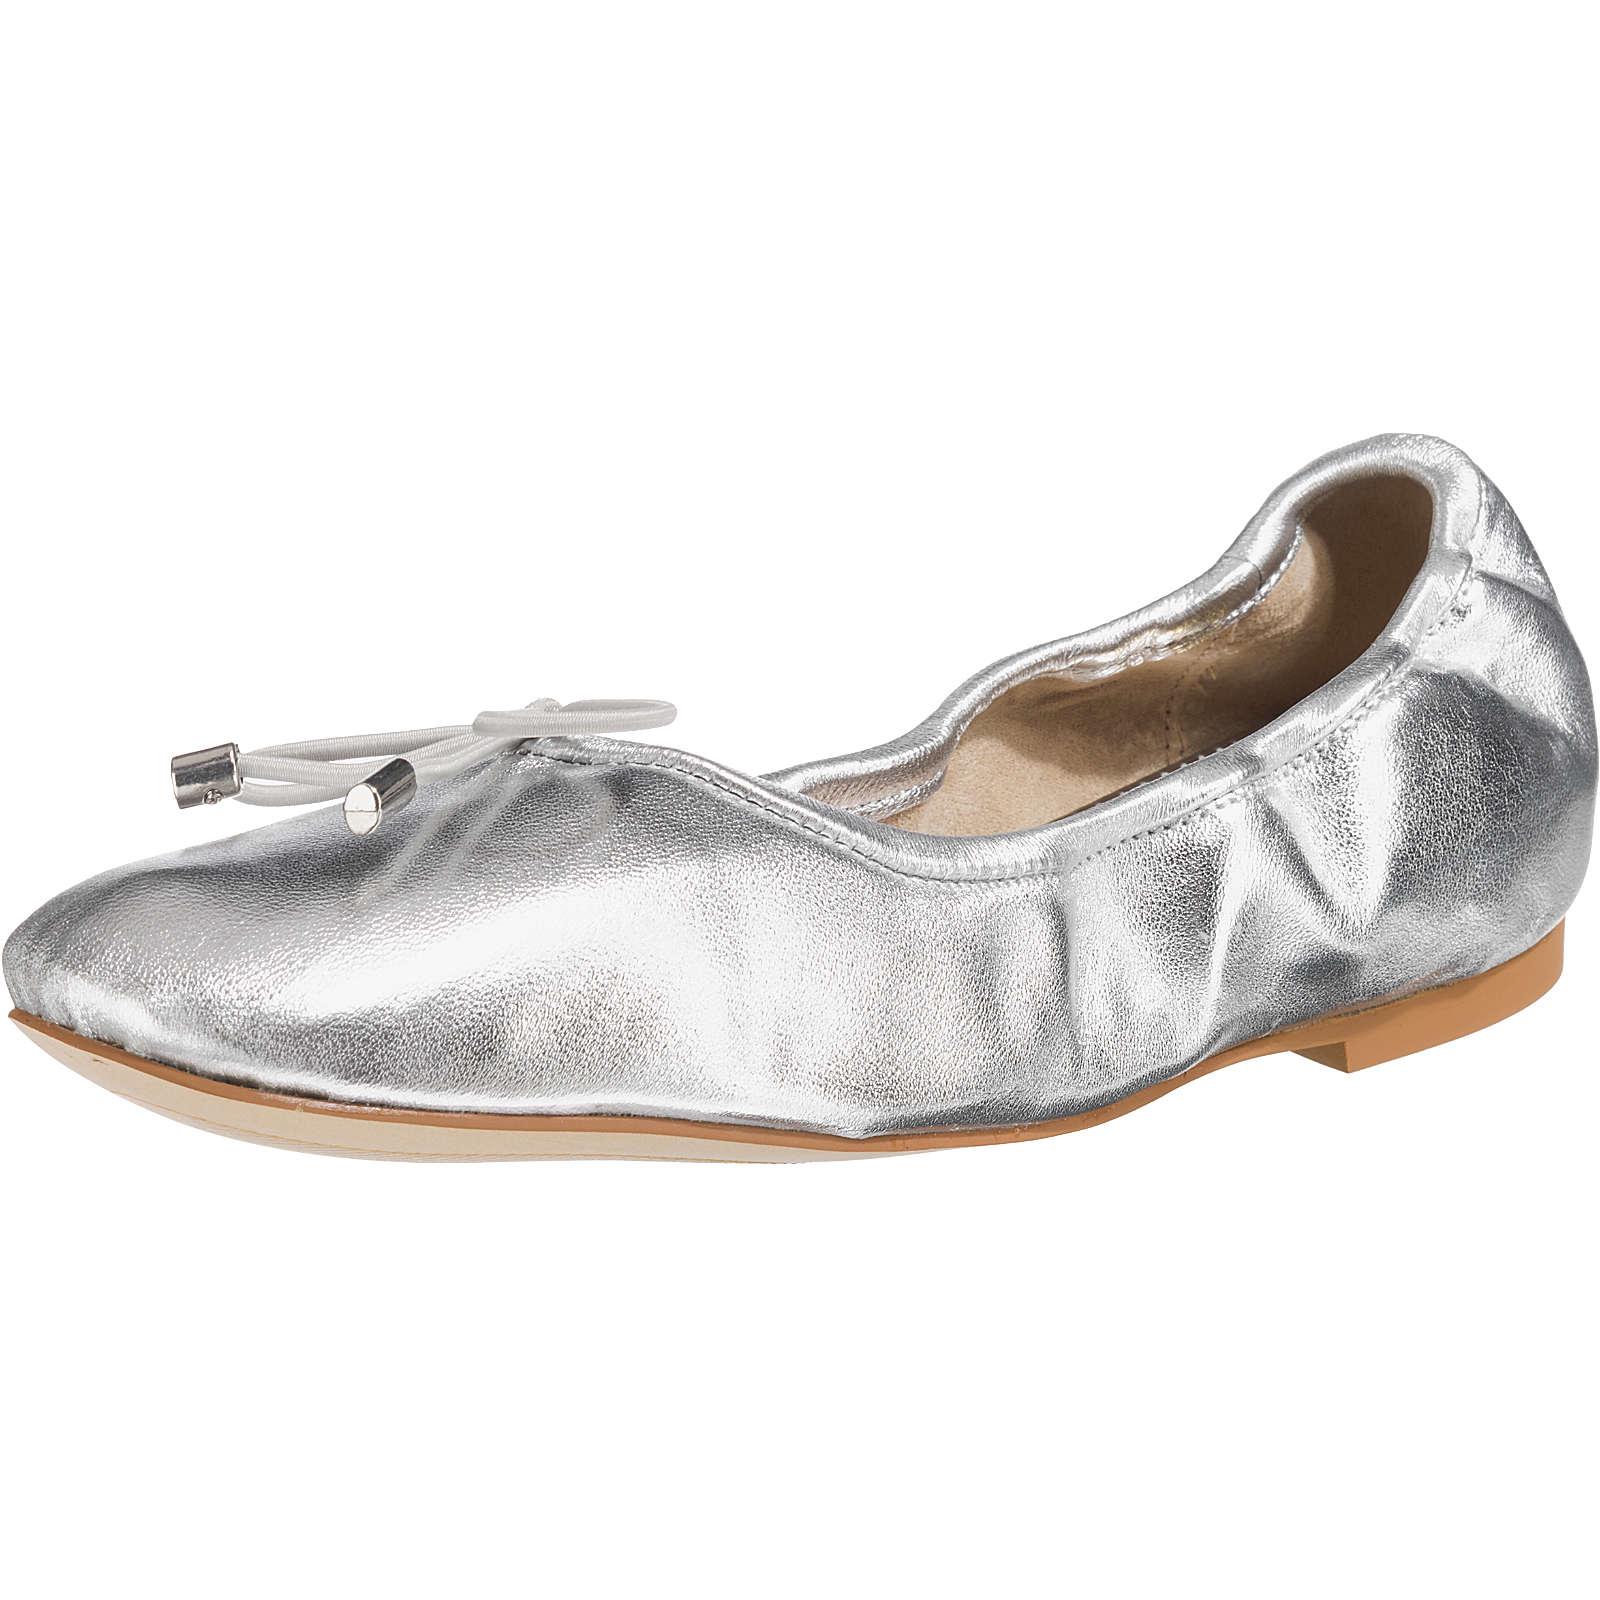 BUFFALO Faltbare Ballerinas silber Damen Gr. 38